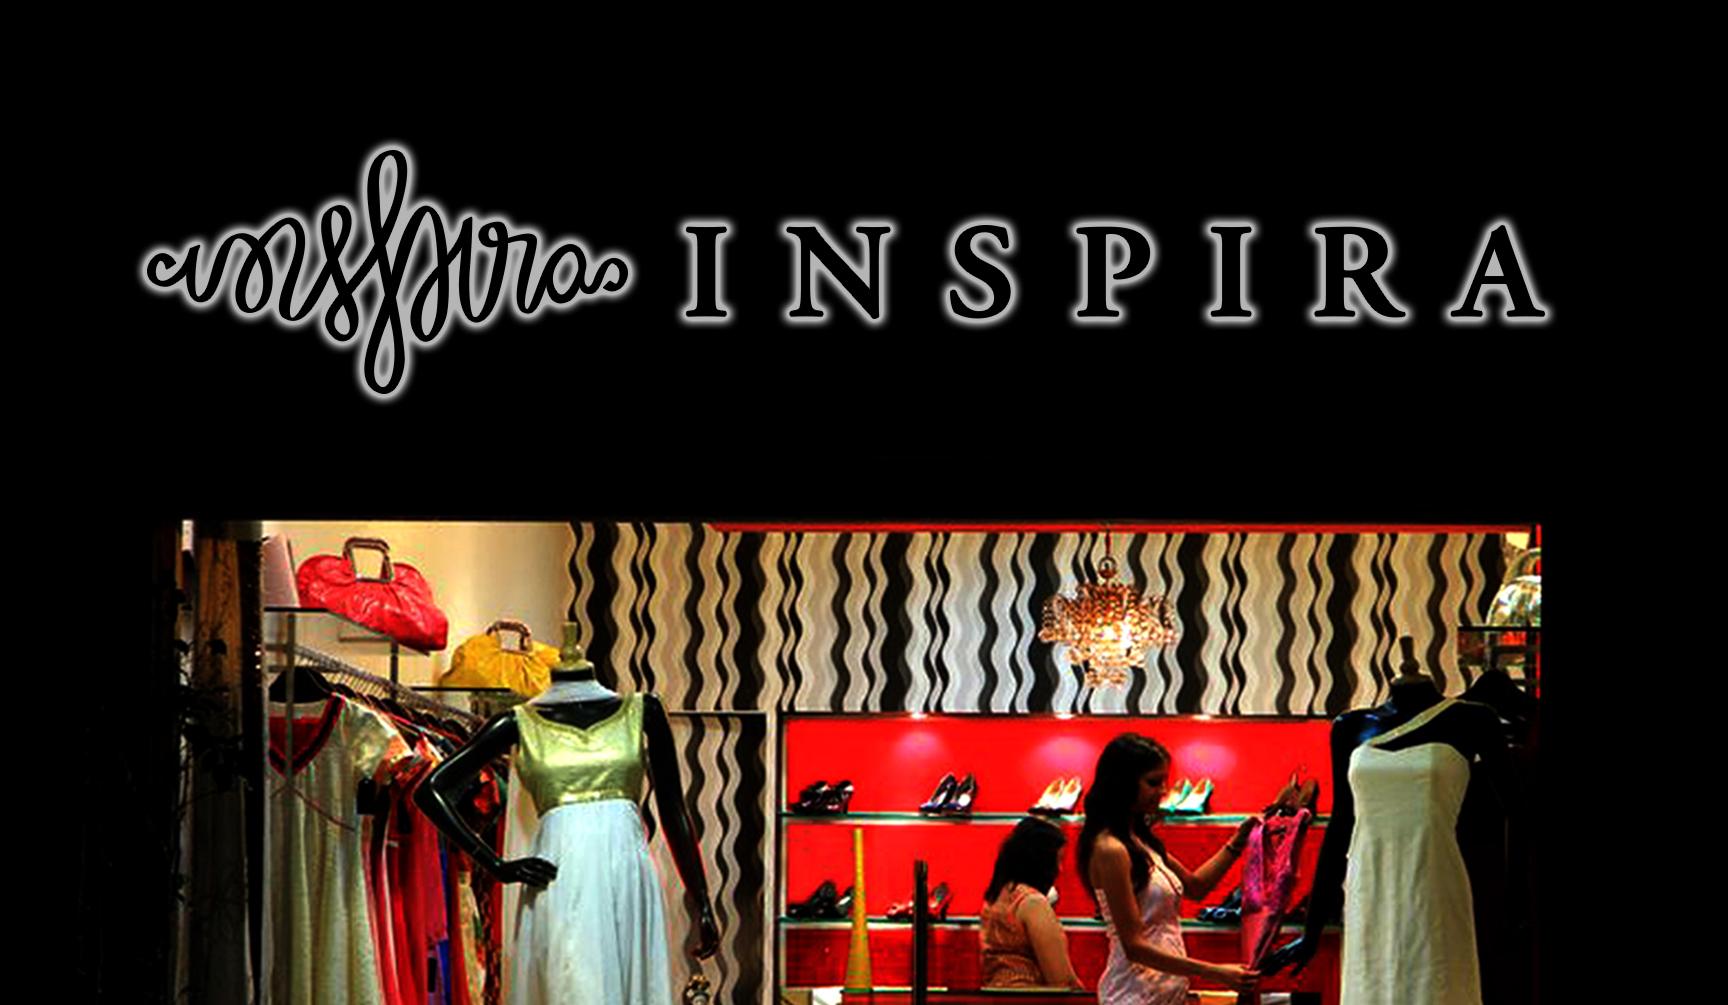 inspira_store1.jpg